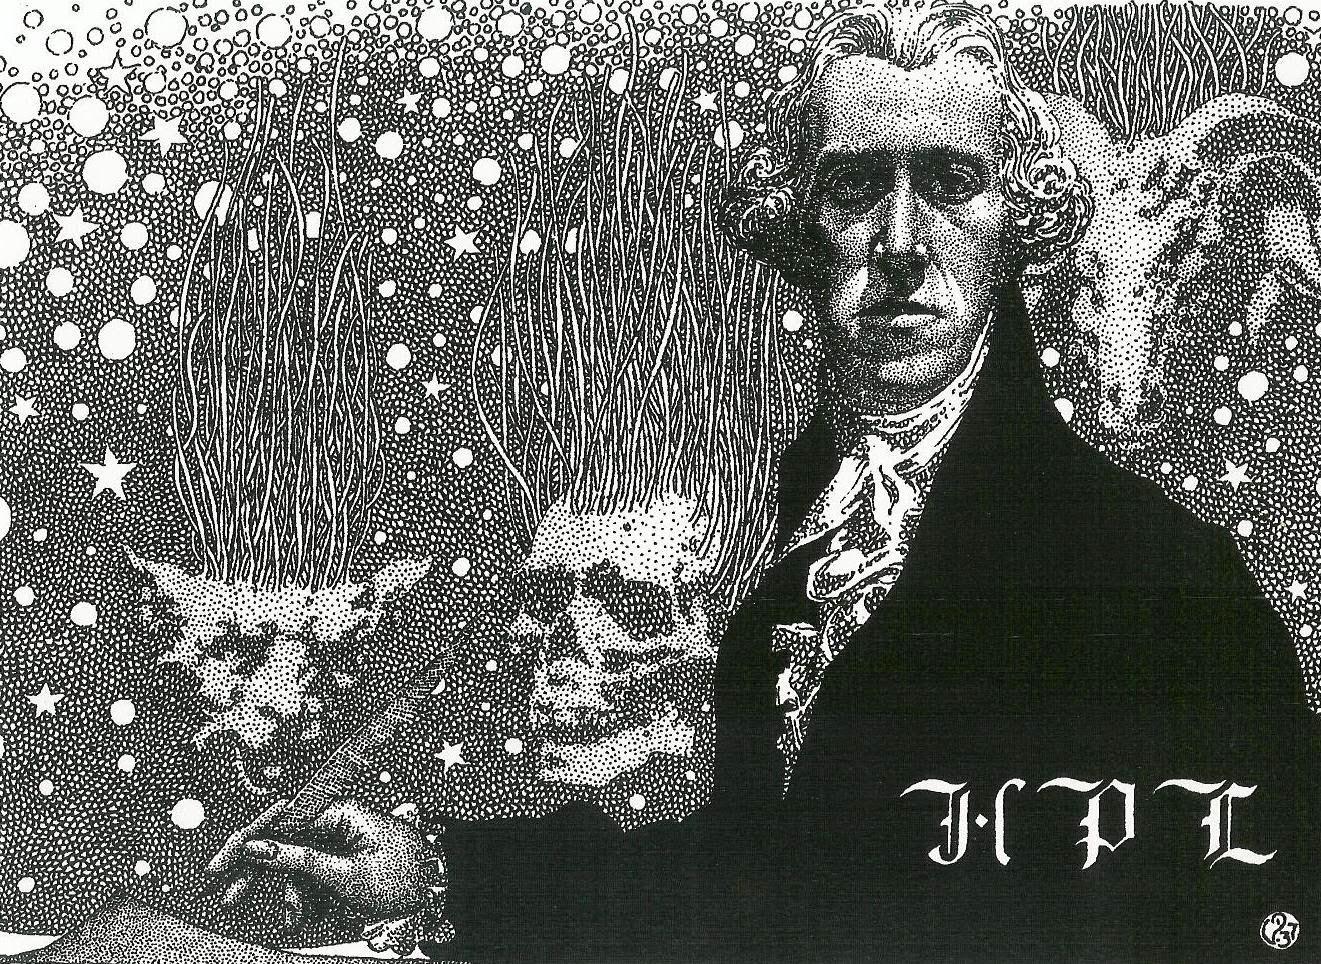 Tribute To Lovecraft, ilustración de Virgil Finlay que representa a H. P. L. vestido a la usanza del Siglo de las Luces (el siglo favorito de Lovecraft), publicada en 1937, al morir el escritor, en Amateur Correspondant